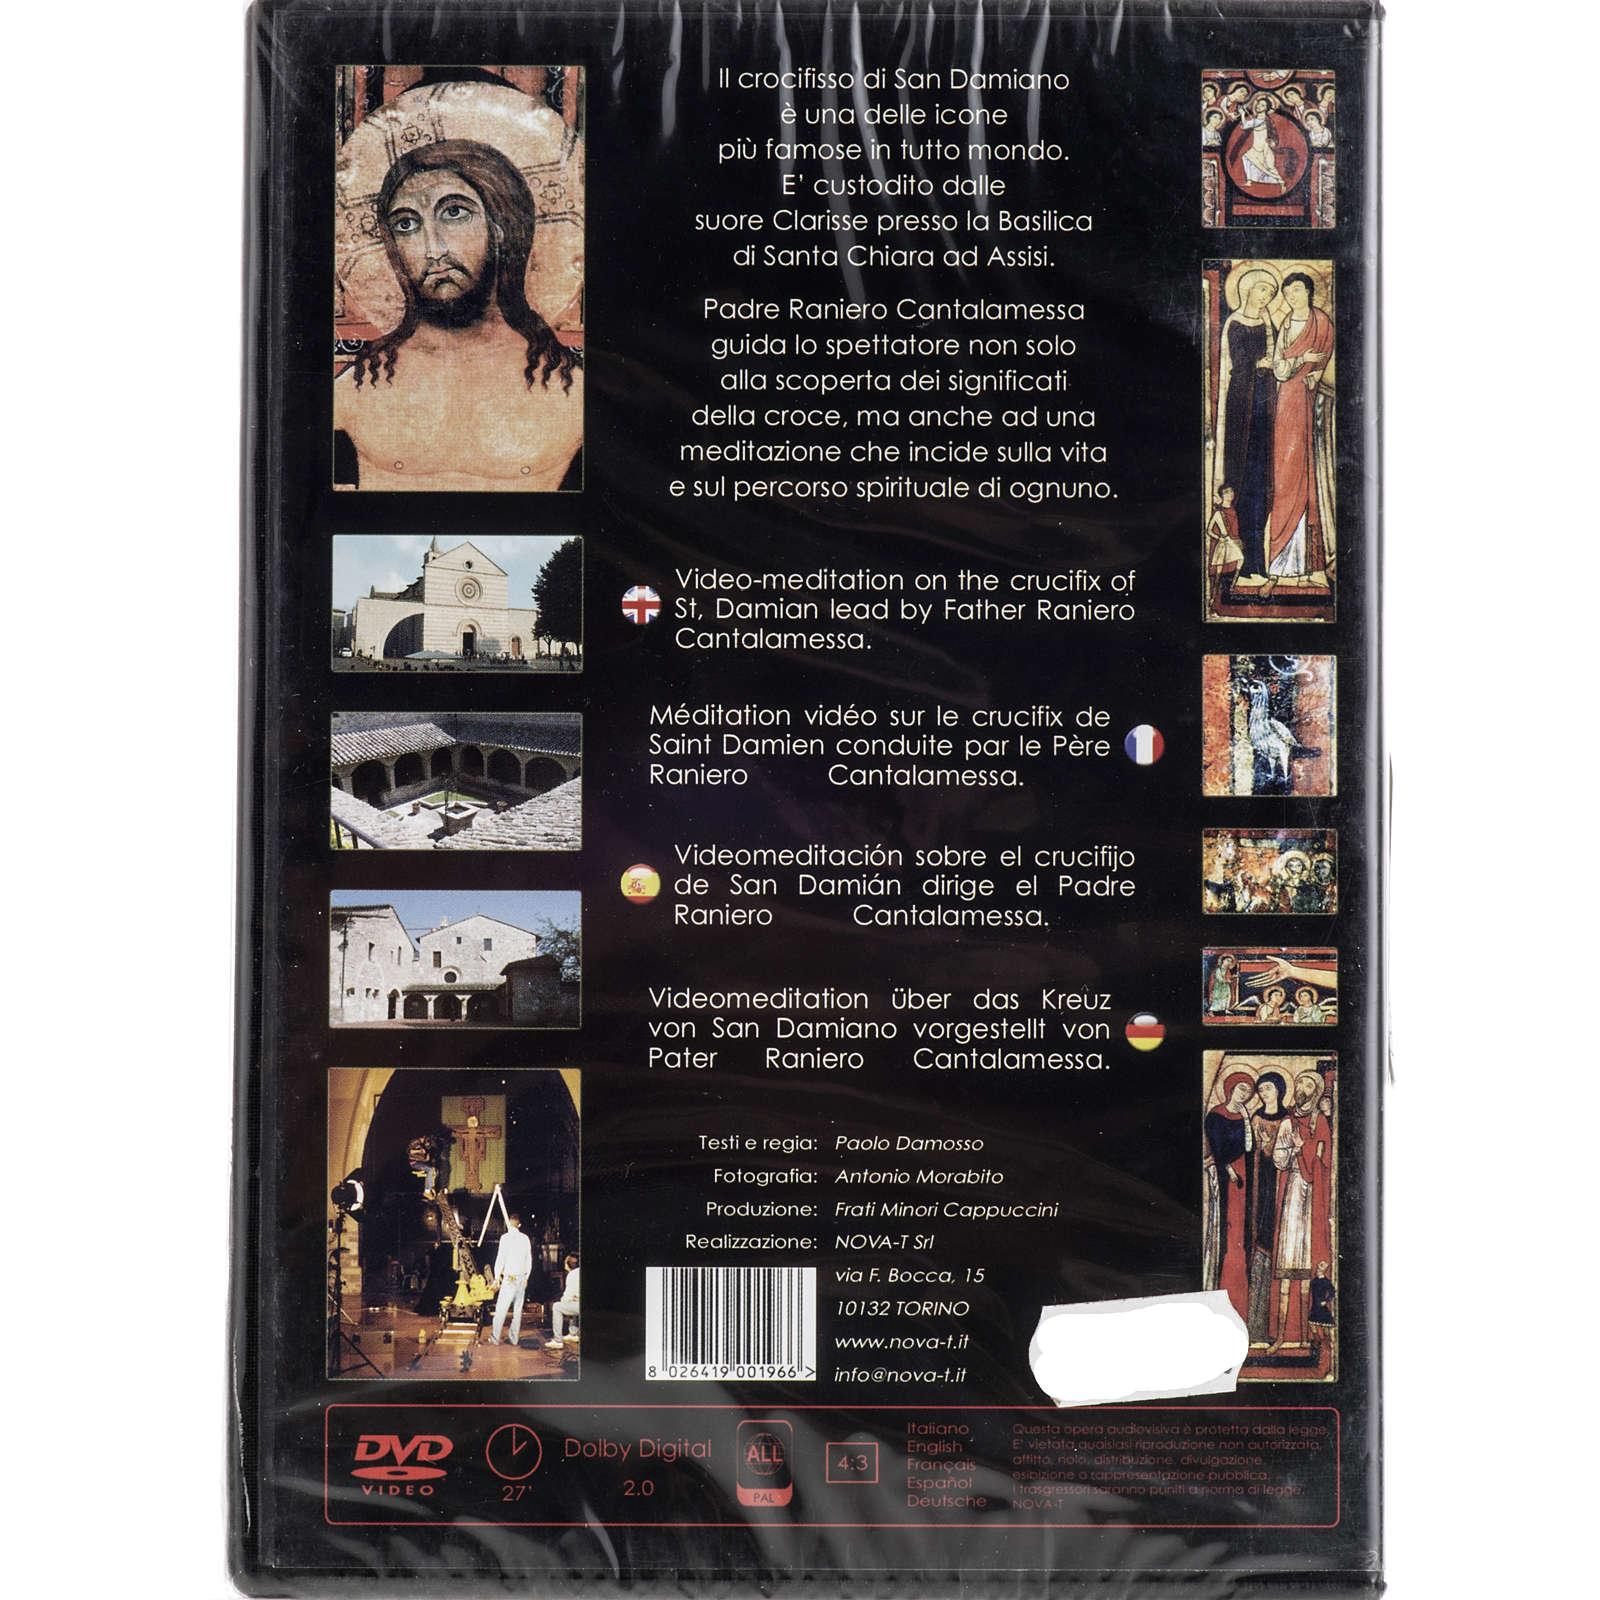 La croce di Francesco 3